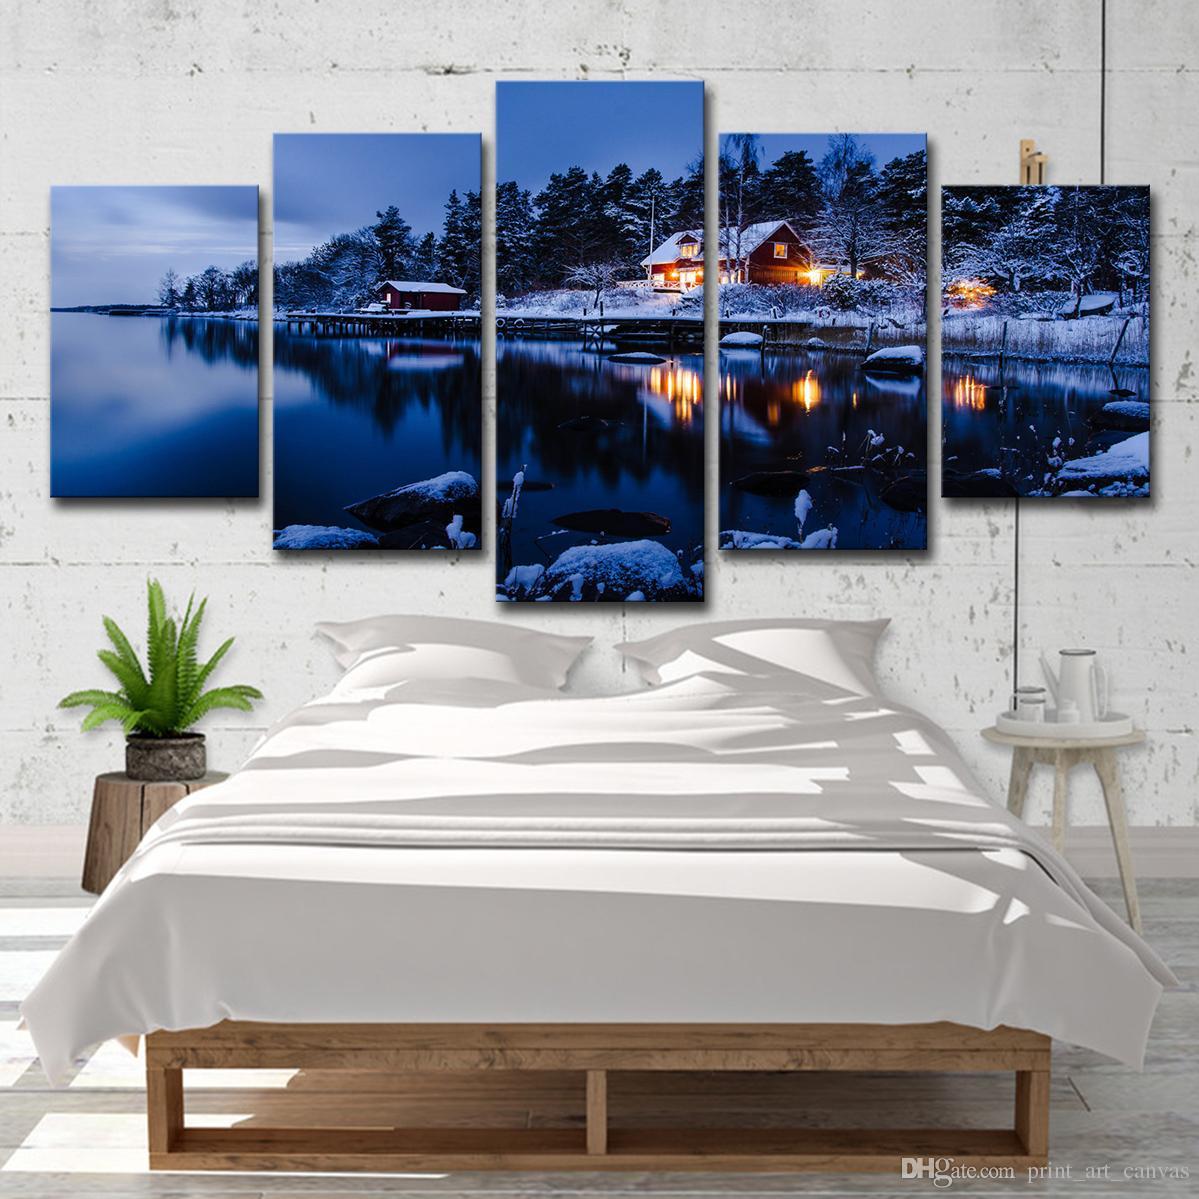 Moderne Leinwand HD Prints Gemälde Home Decor Bilder 5 Stück Haus Schnee See Nacht Landschaft Poster Wohnzimmer Wandkunst